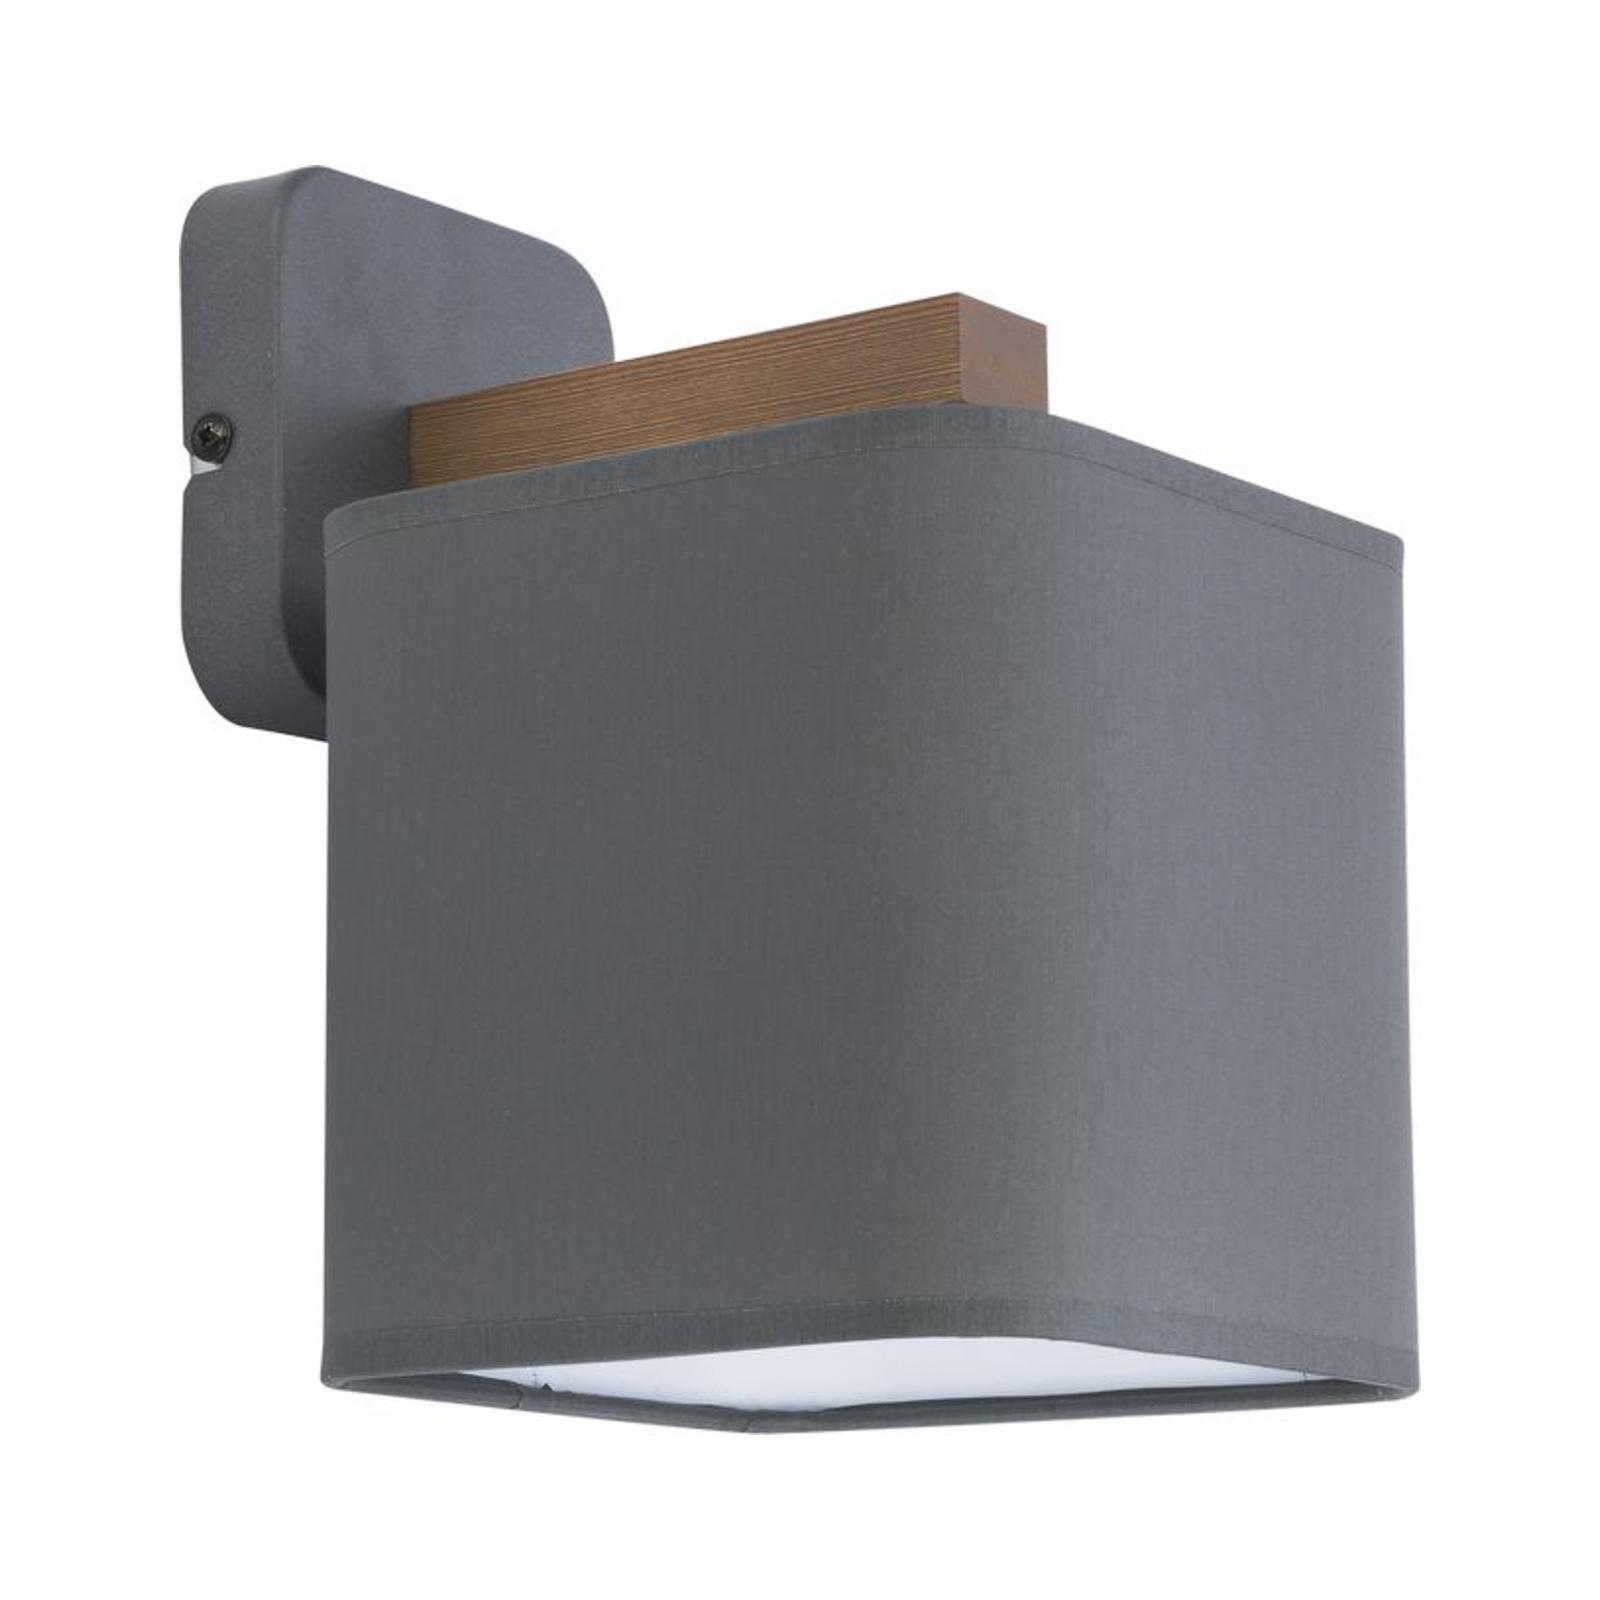 Seinävalaisin Tora, yksilamppuinen, harmaa